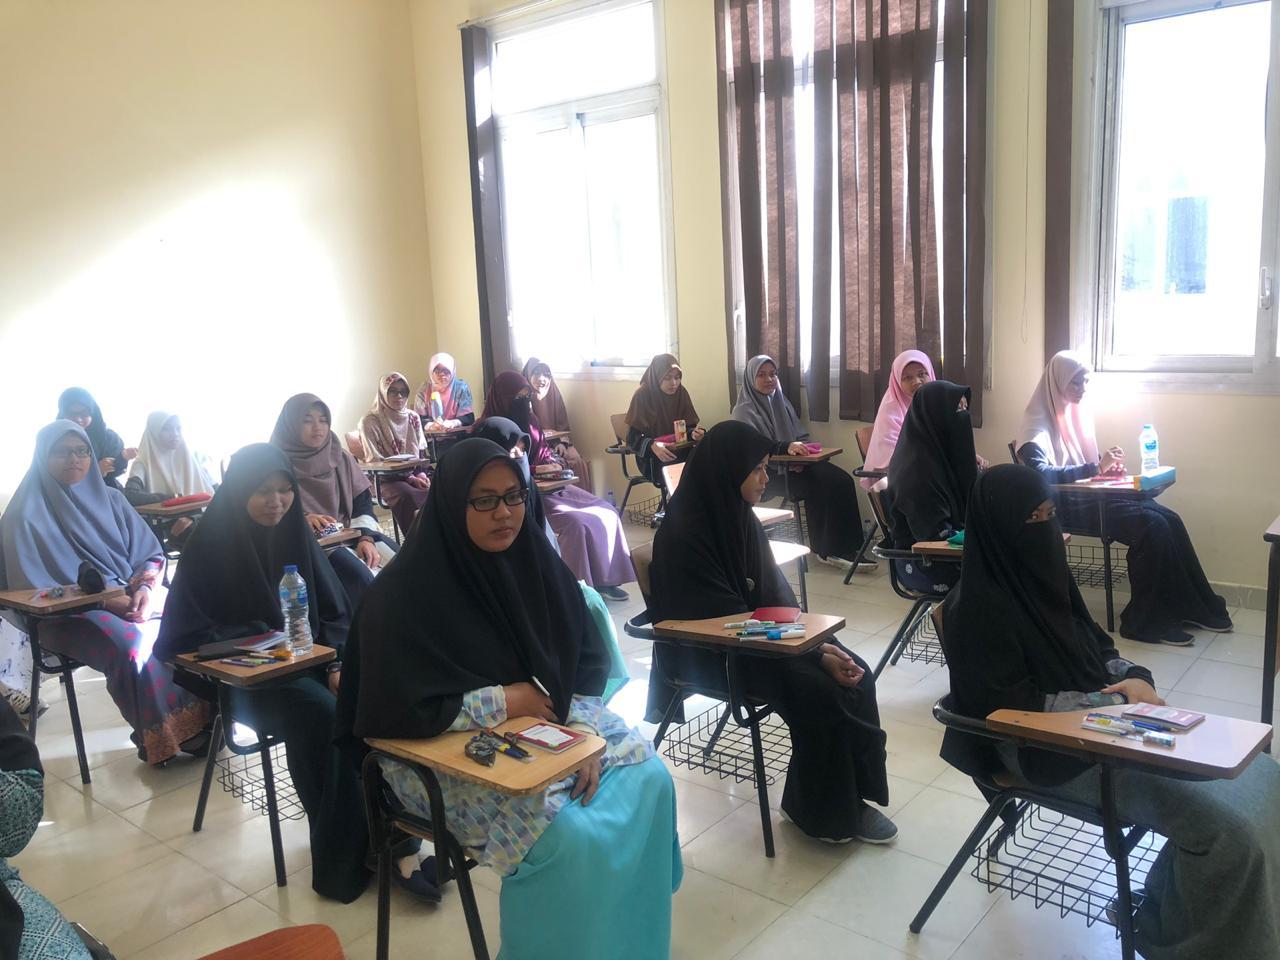 اختبار تحديد المستوى بمركز الشيخ زايد لتعليم اللغة العربية لغير الناطقين بها